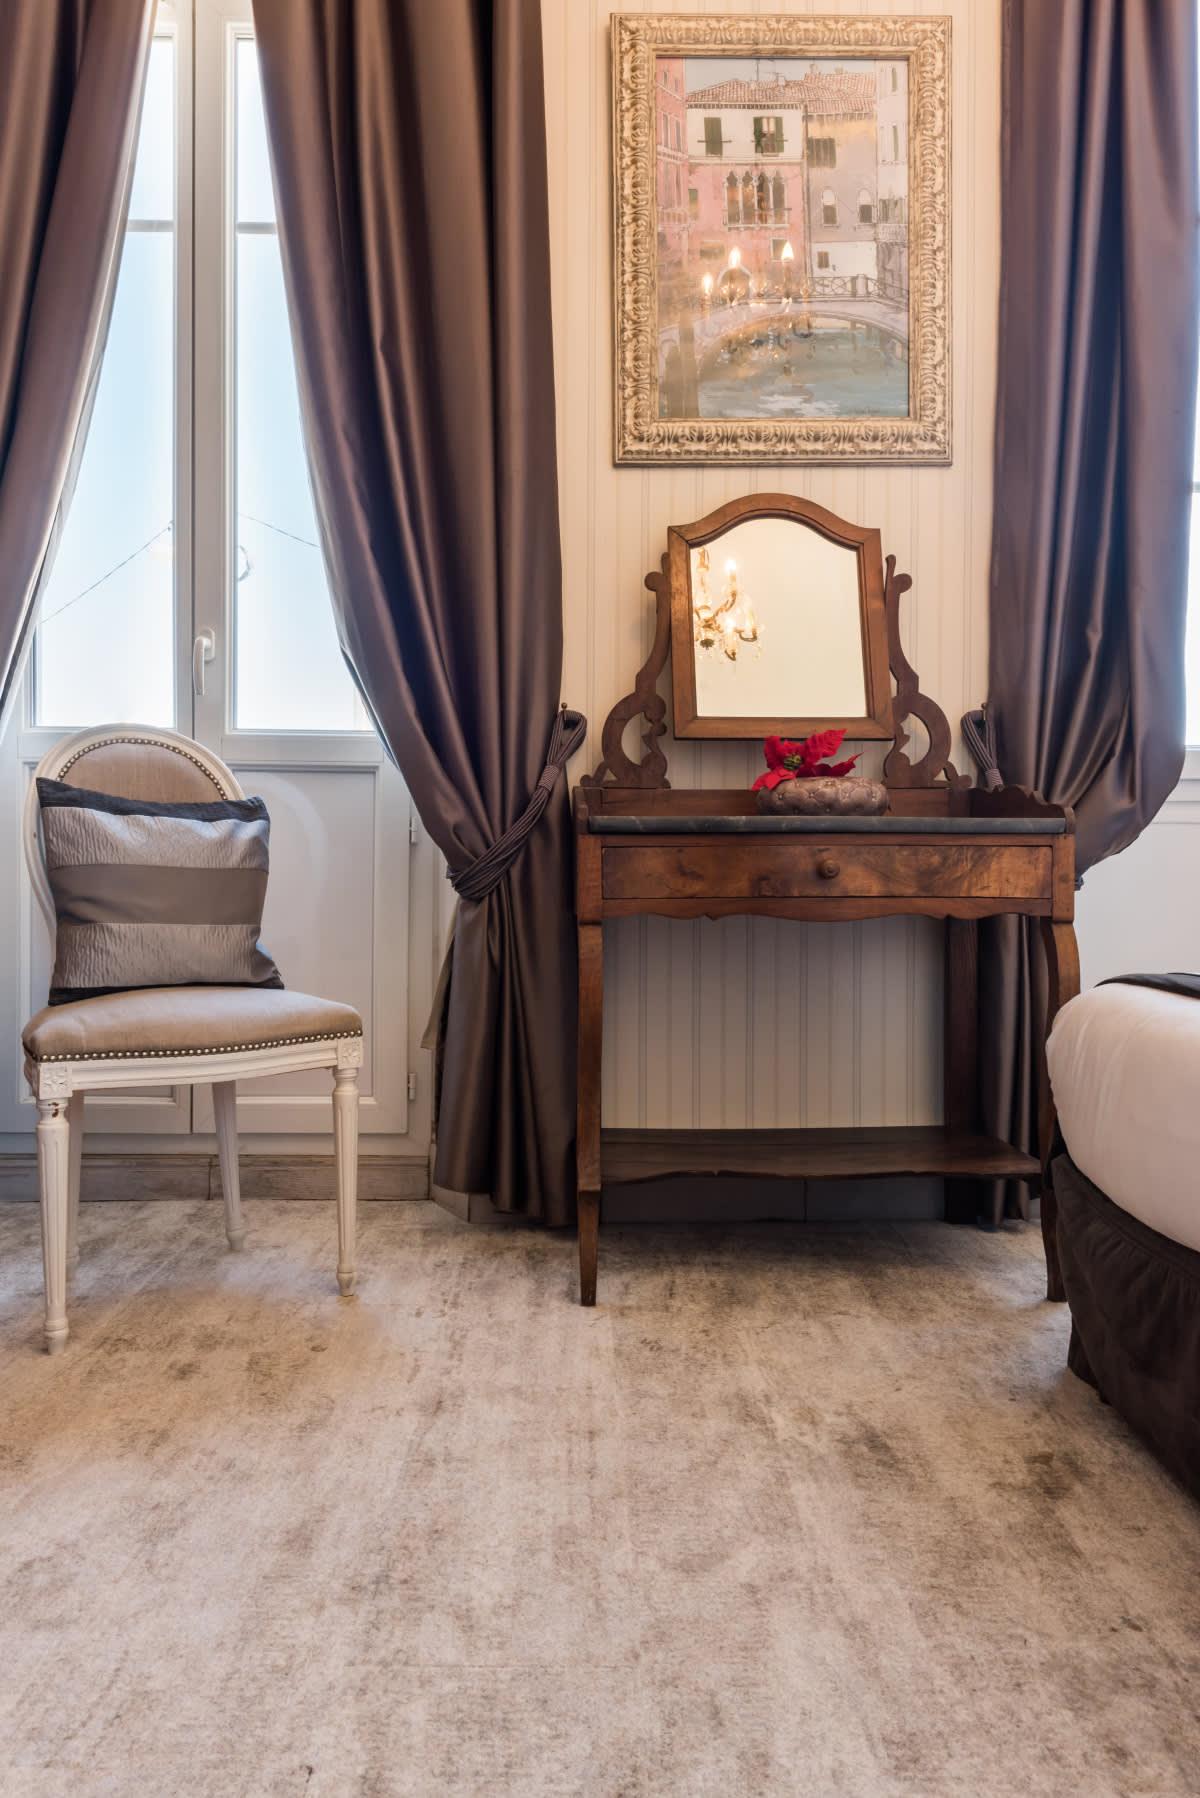 Carrousel_un-hotel-de-famille-au-charme-preserve_1